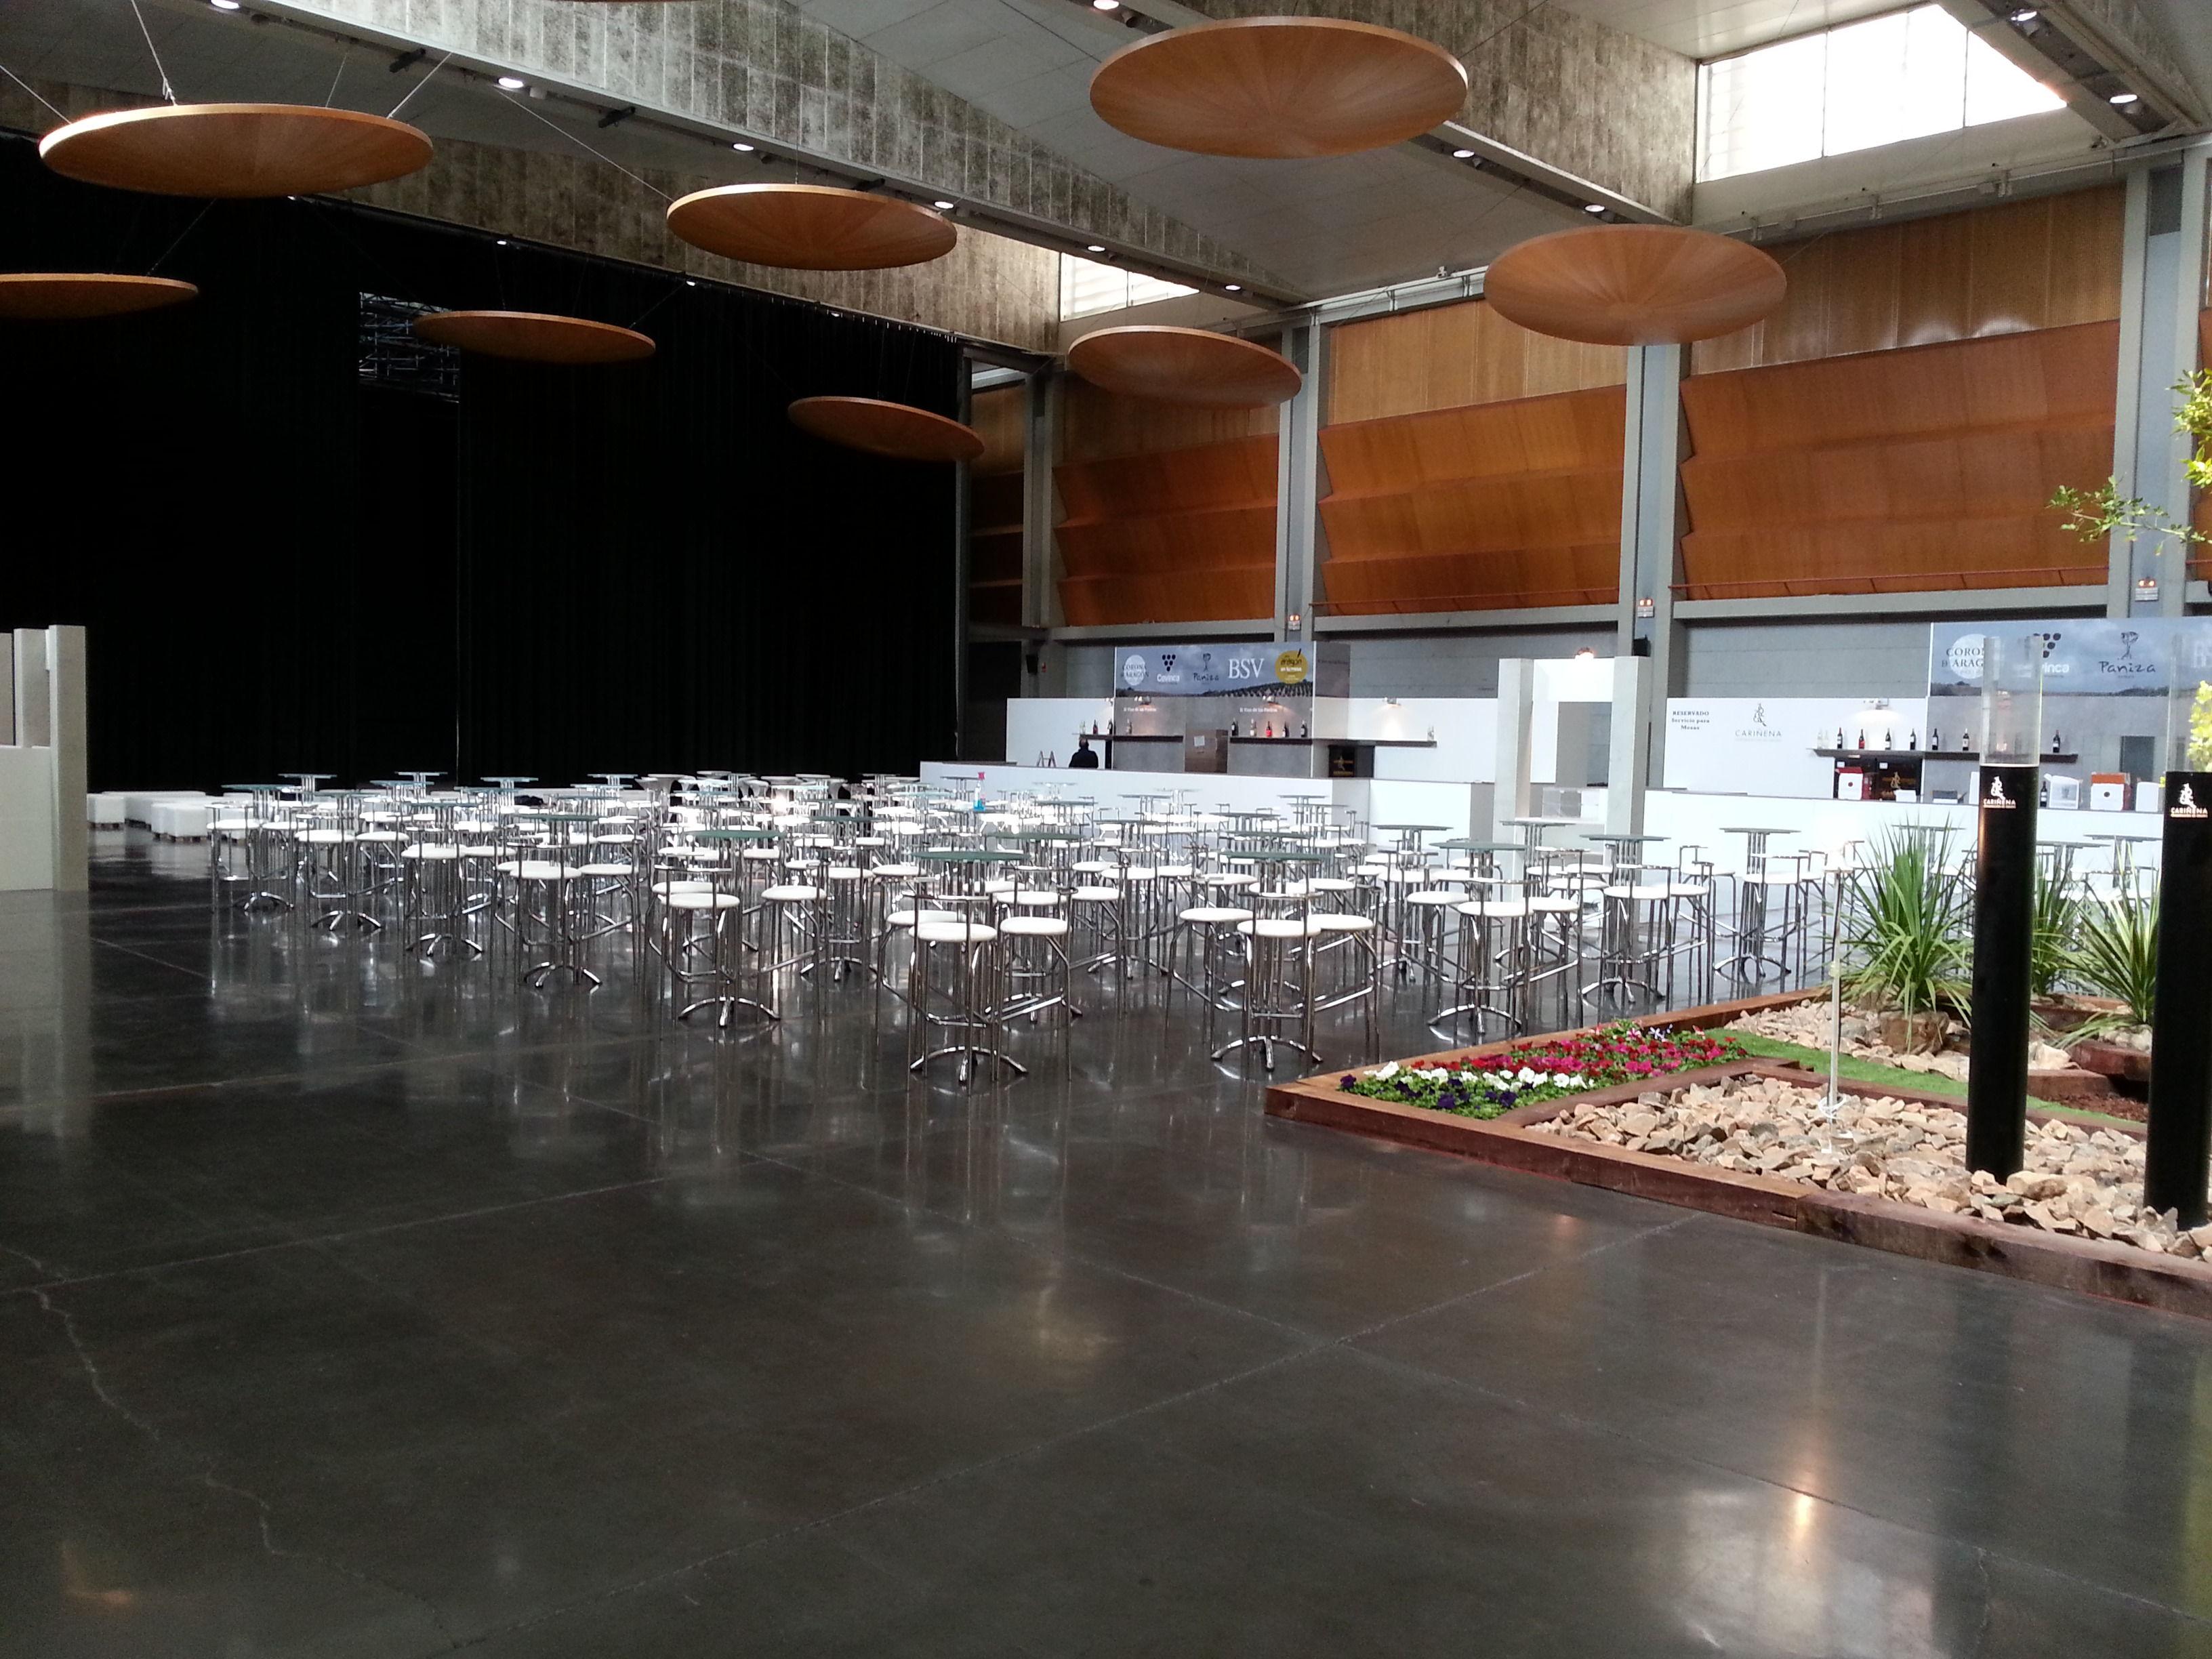 Foto 20 de Alquiler de sillas, mesas y menaje en Zaragoza | Stuhl Ibérica Alquiler de Mobiliario